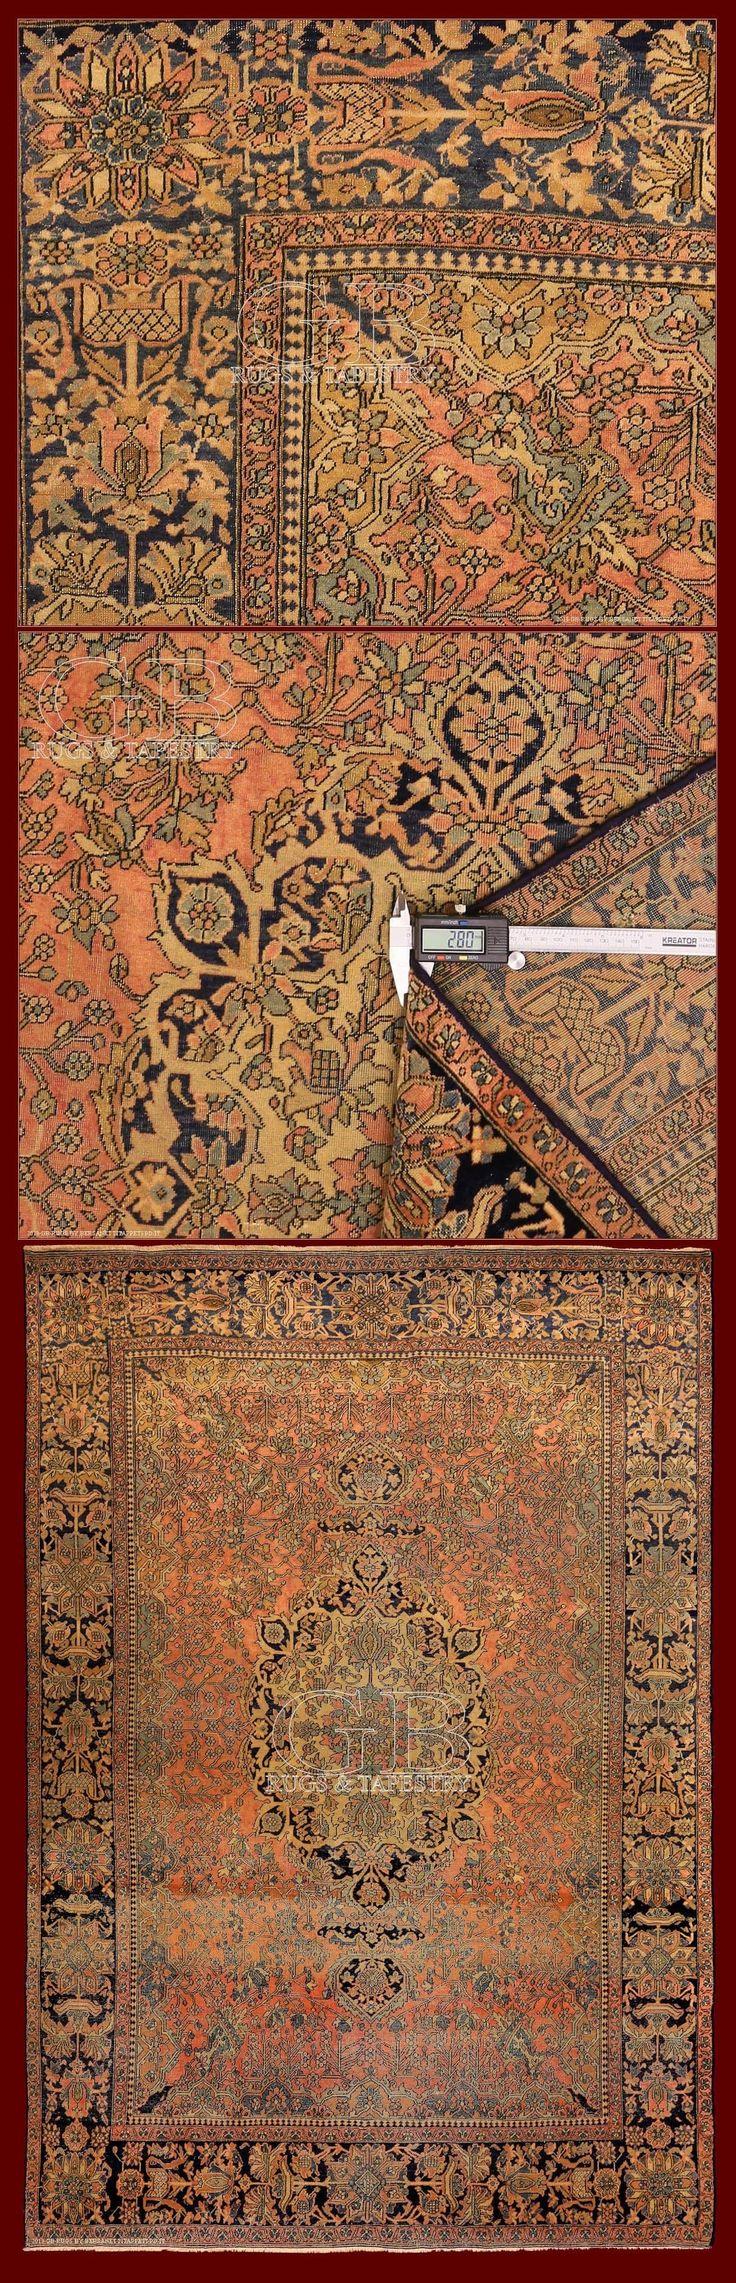 KASHAN MOHTASHAM RUG 190 x 130 | 140524168689 | GB Rugs